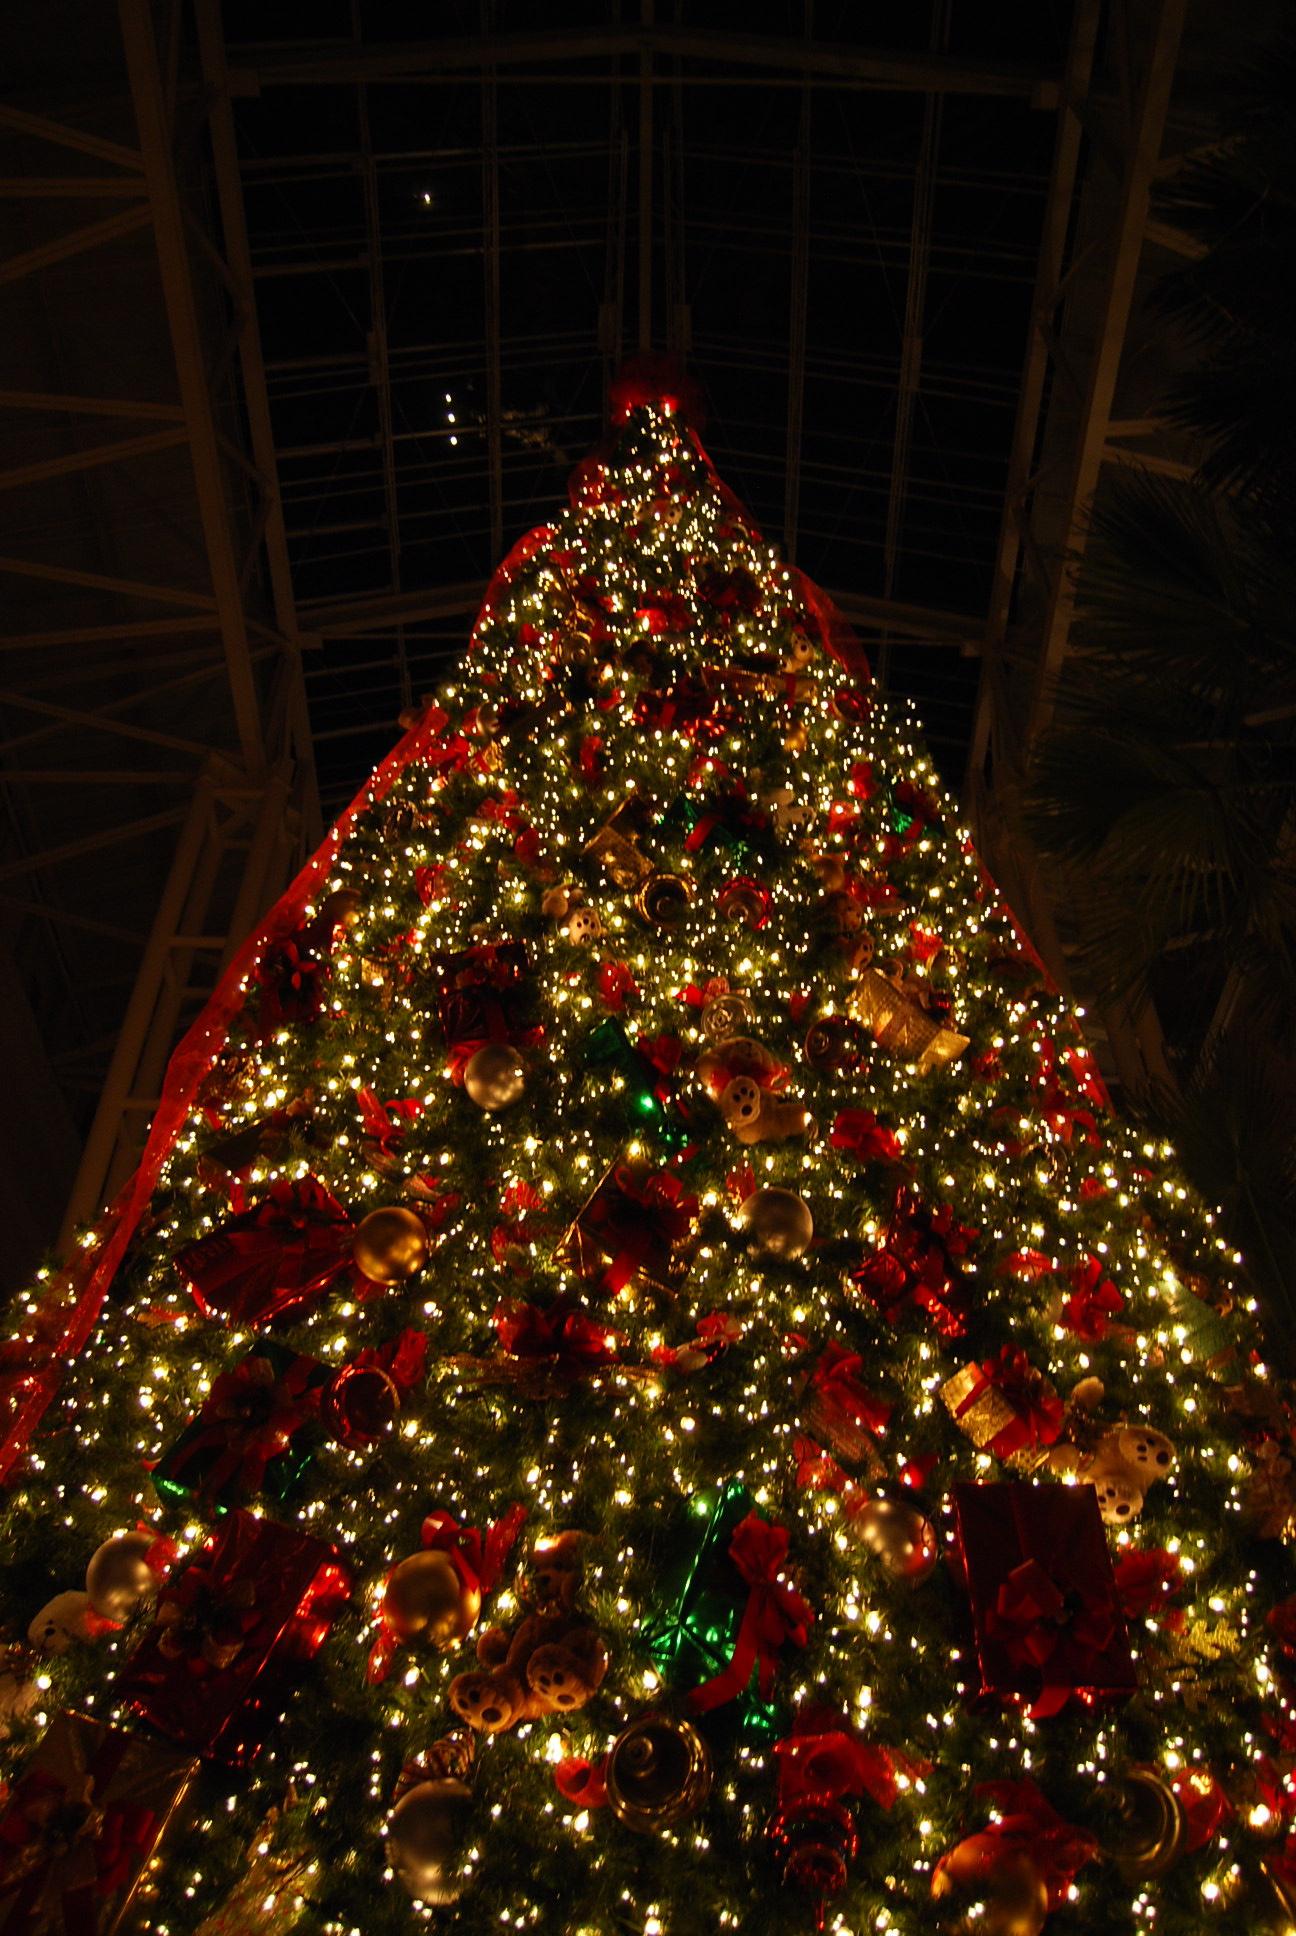 Giant christmas tree inside dores vanderbilt university